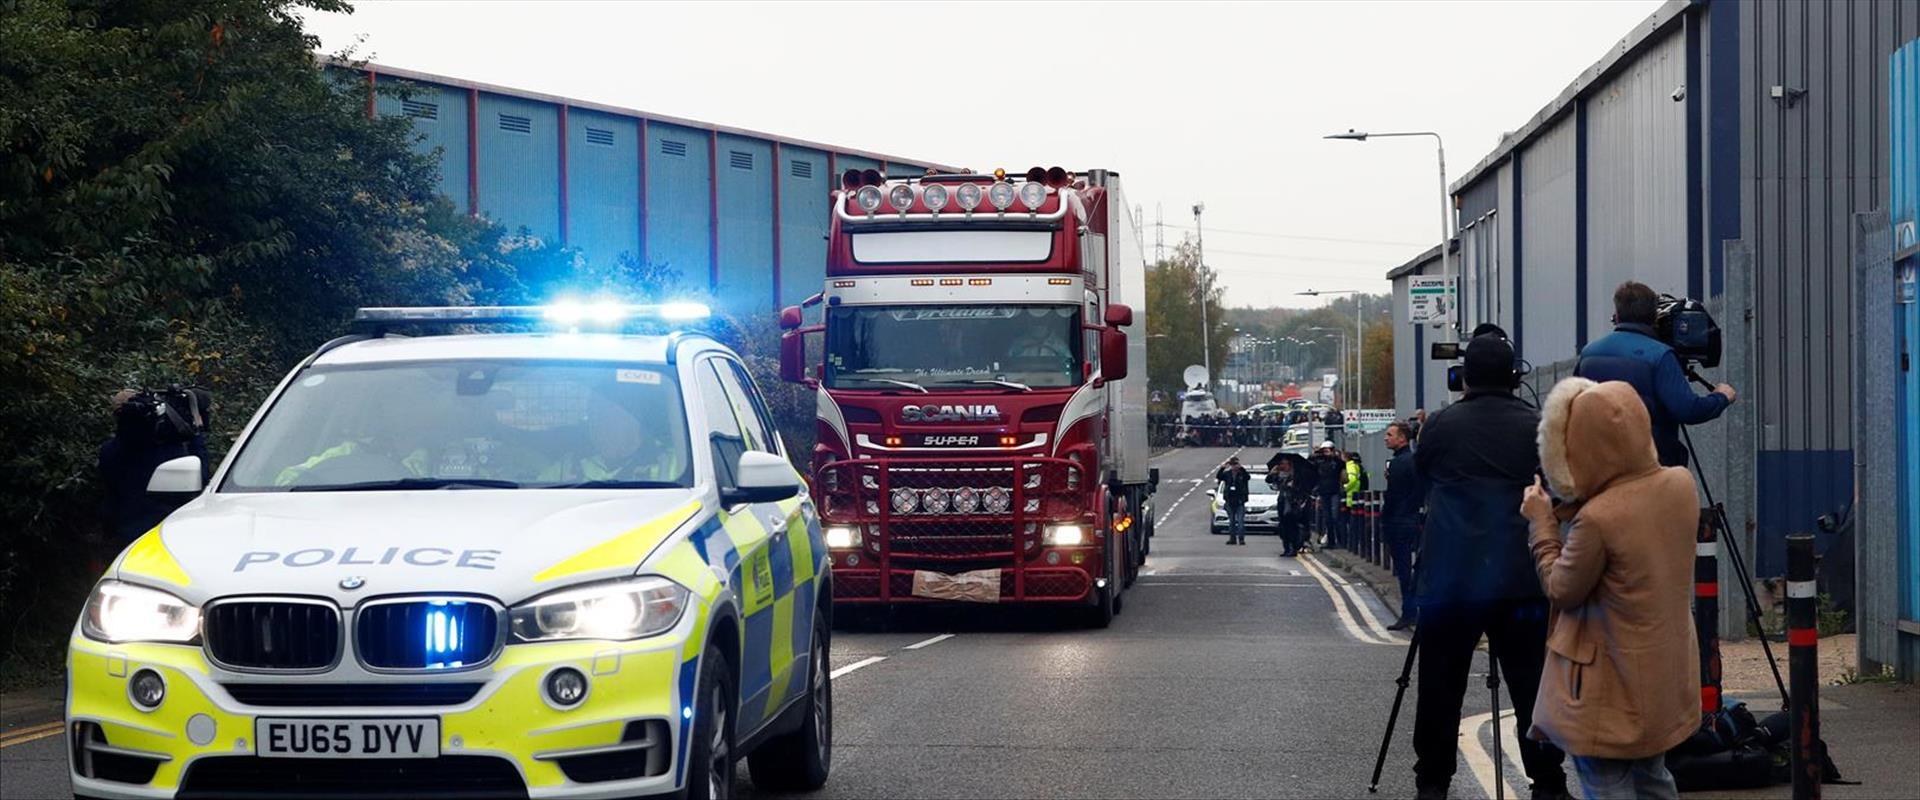 זירת מציאת הגופות באסקס בבריטניה 23.10.19